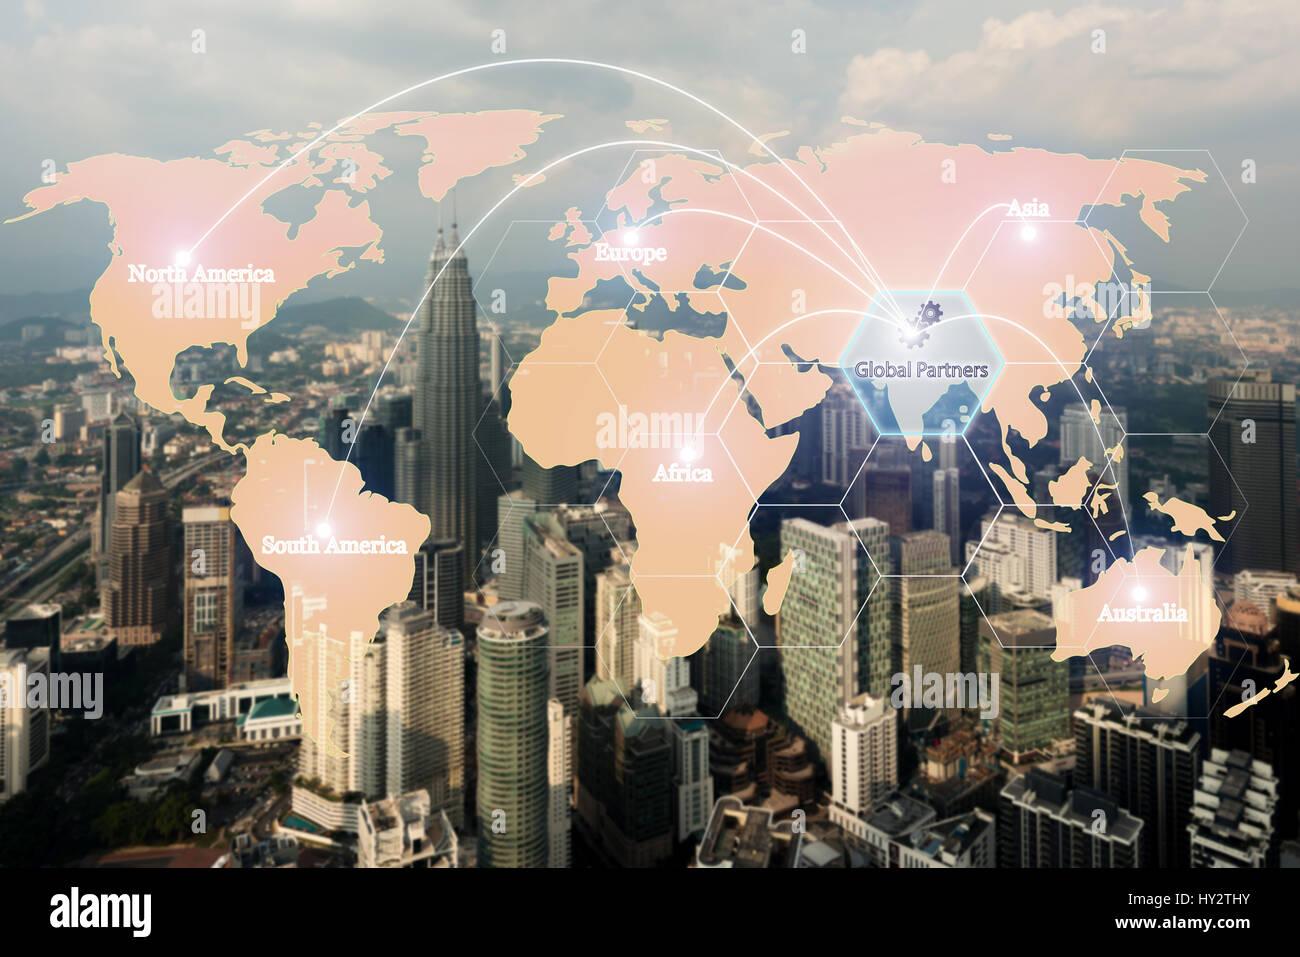 Mapa de asociación mundial de logística para la logística de importación y exportación Imagen De Stock